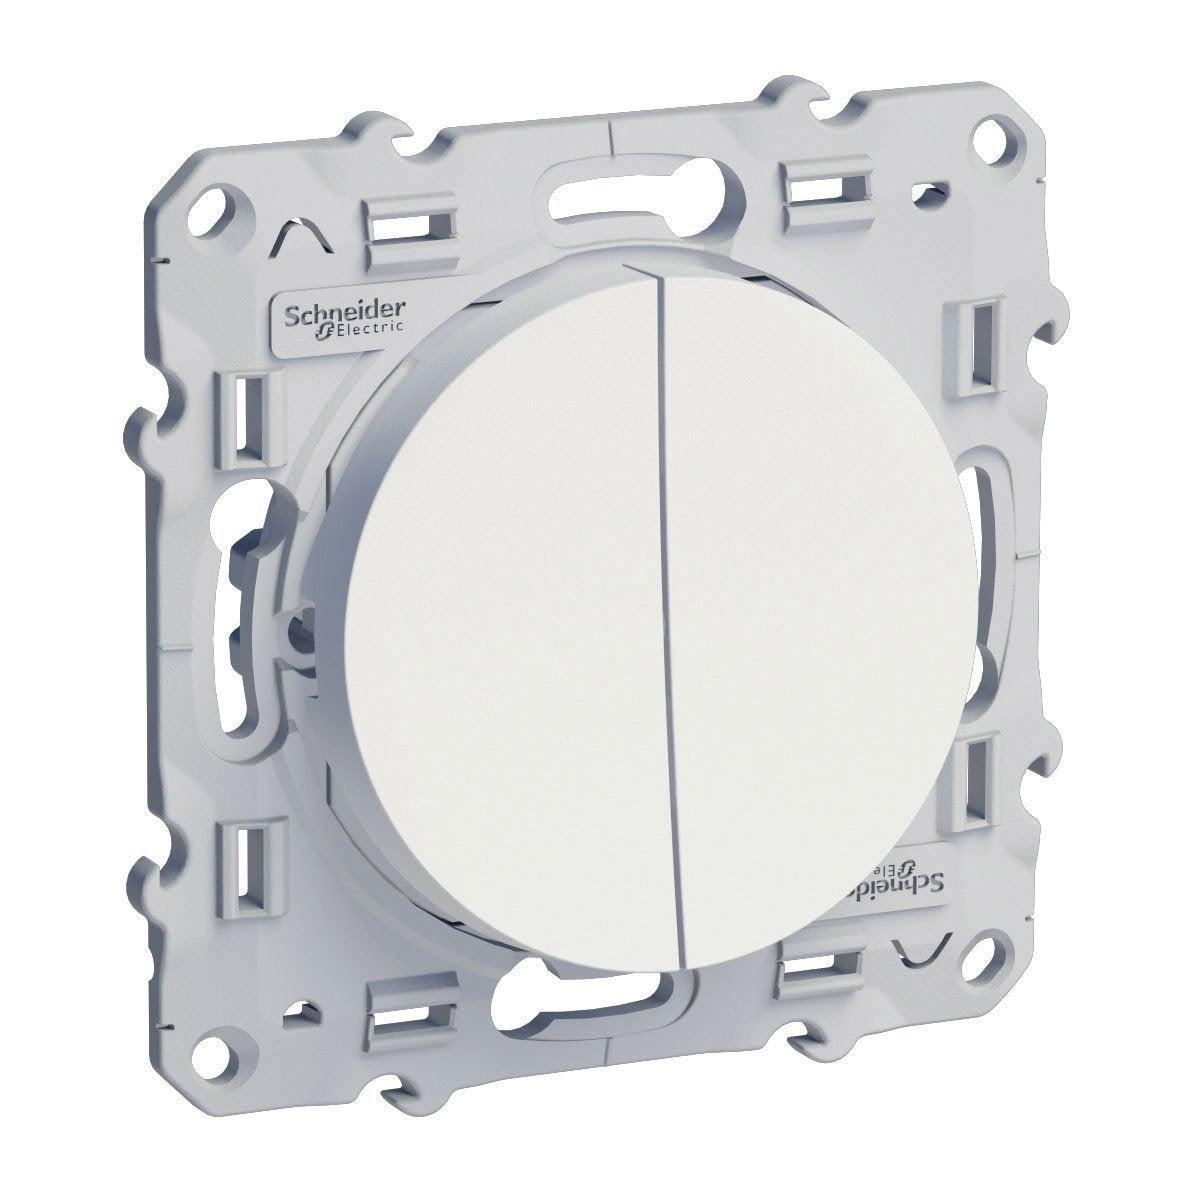 Semoic Universal LEntretien des V/éhicules /à Moteur DInspection Miroir Pliant T/élescopique R/éflecteur Soudage Chassis Outil DInspection De Miroir DInspection 50Mm